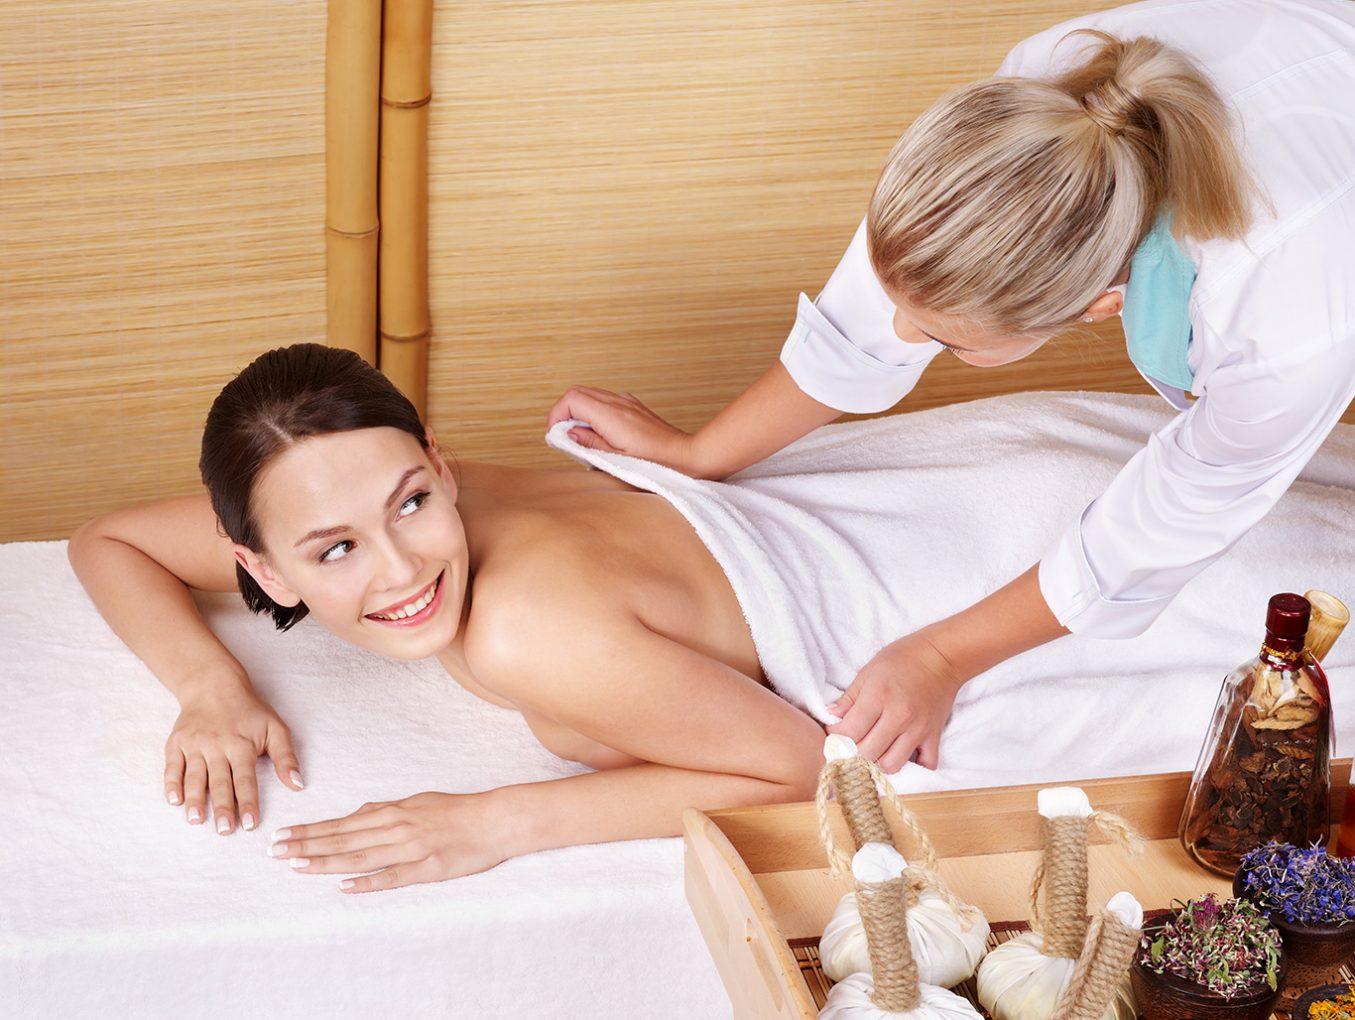 Arthritis & Massage